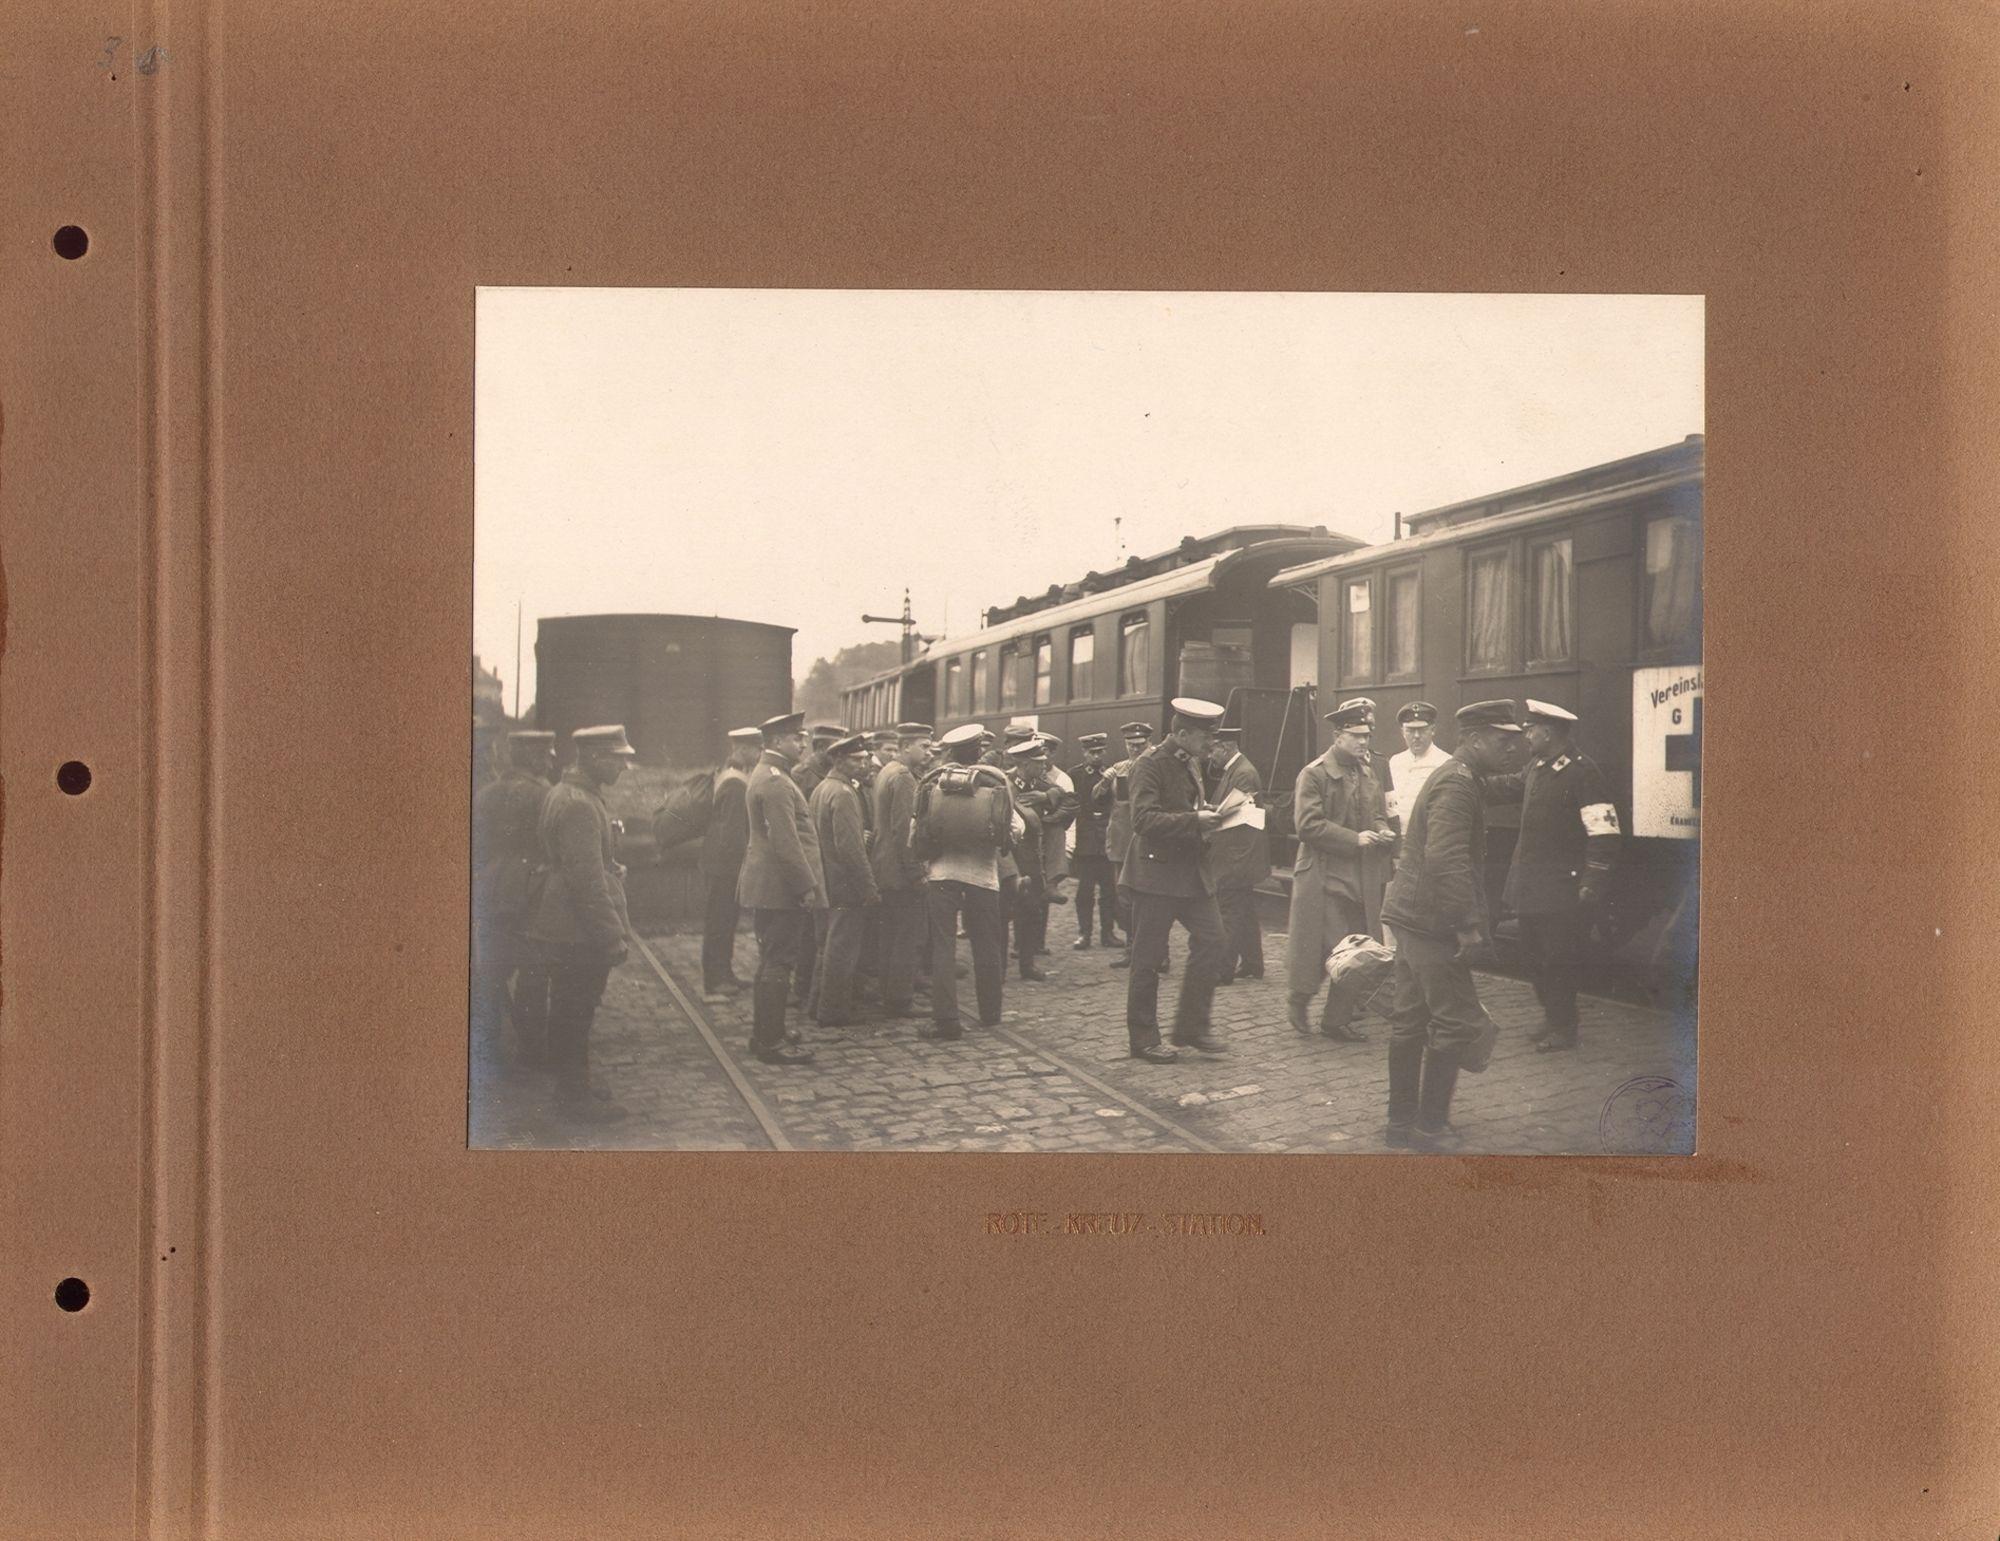 Rode Kruis treinwagons en Duitse militairen in Kortrijk tijdens de Duitse bezetting van Kortrijk gedurende de Eerste Wereldoorlog.